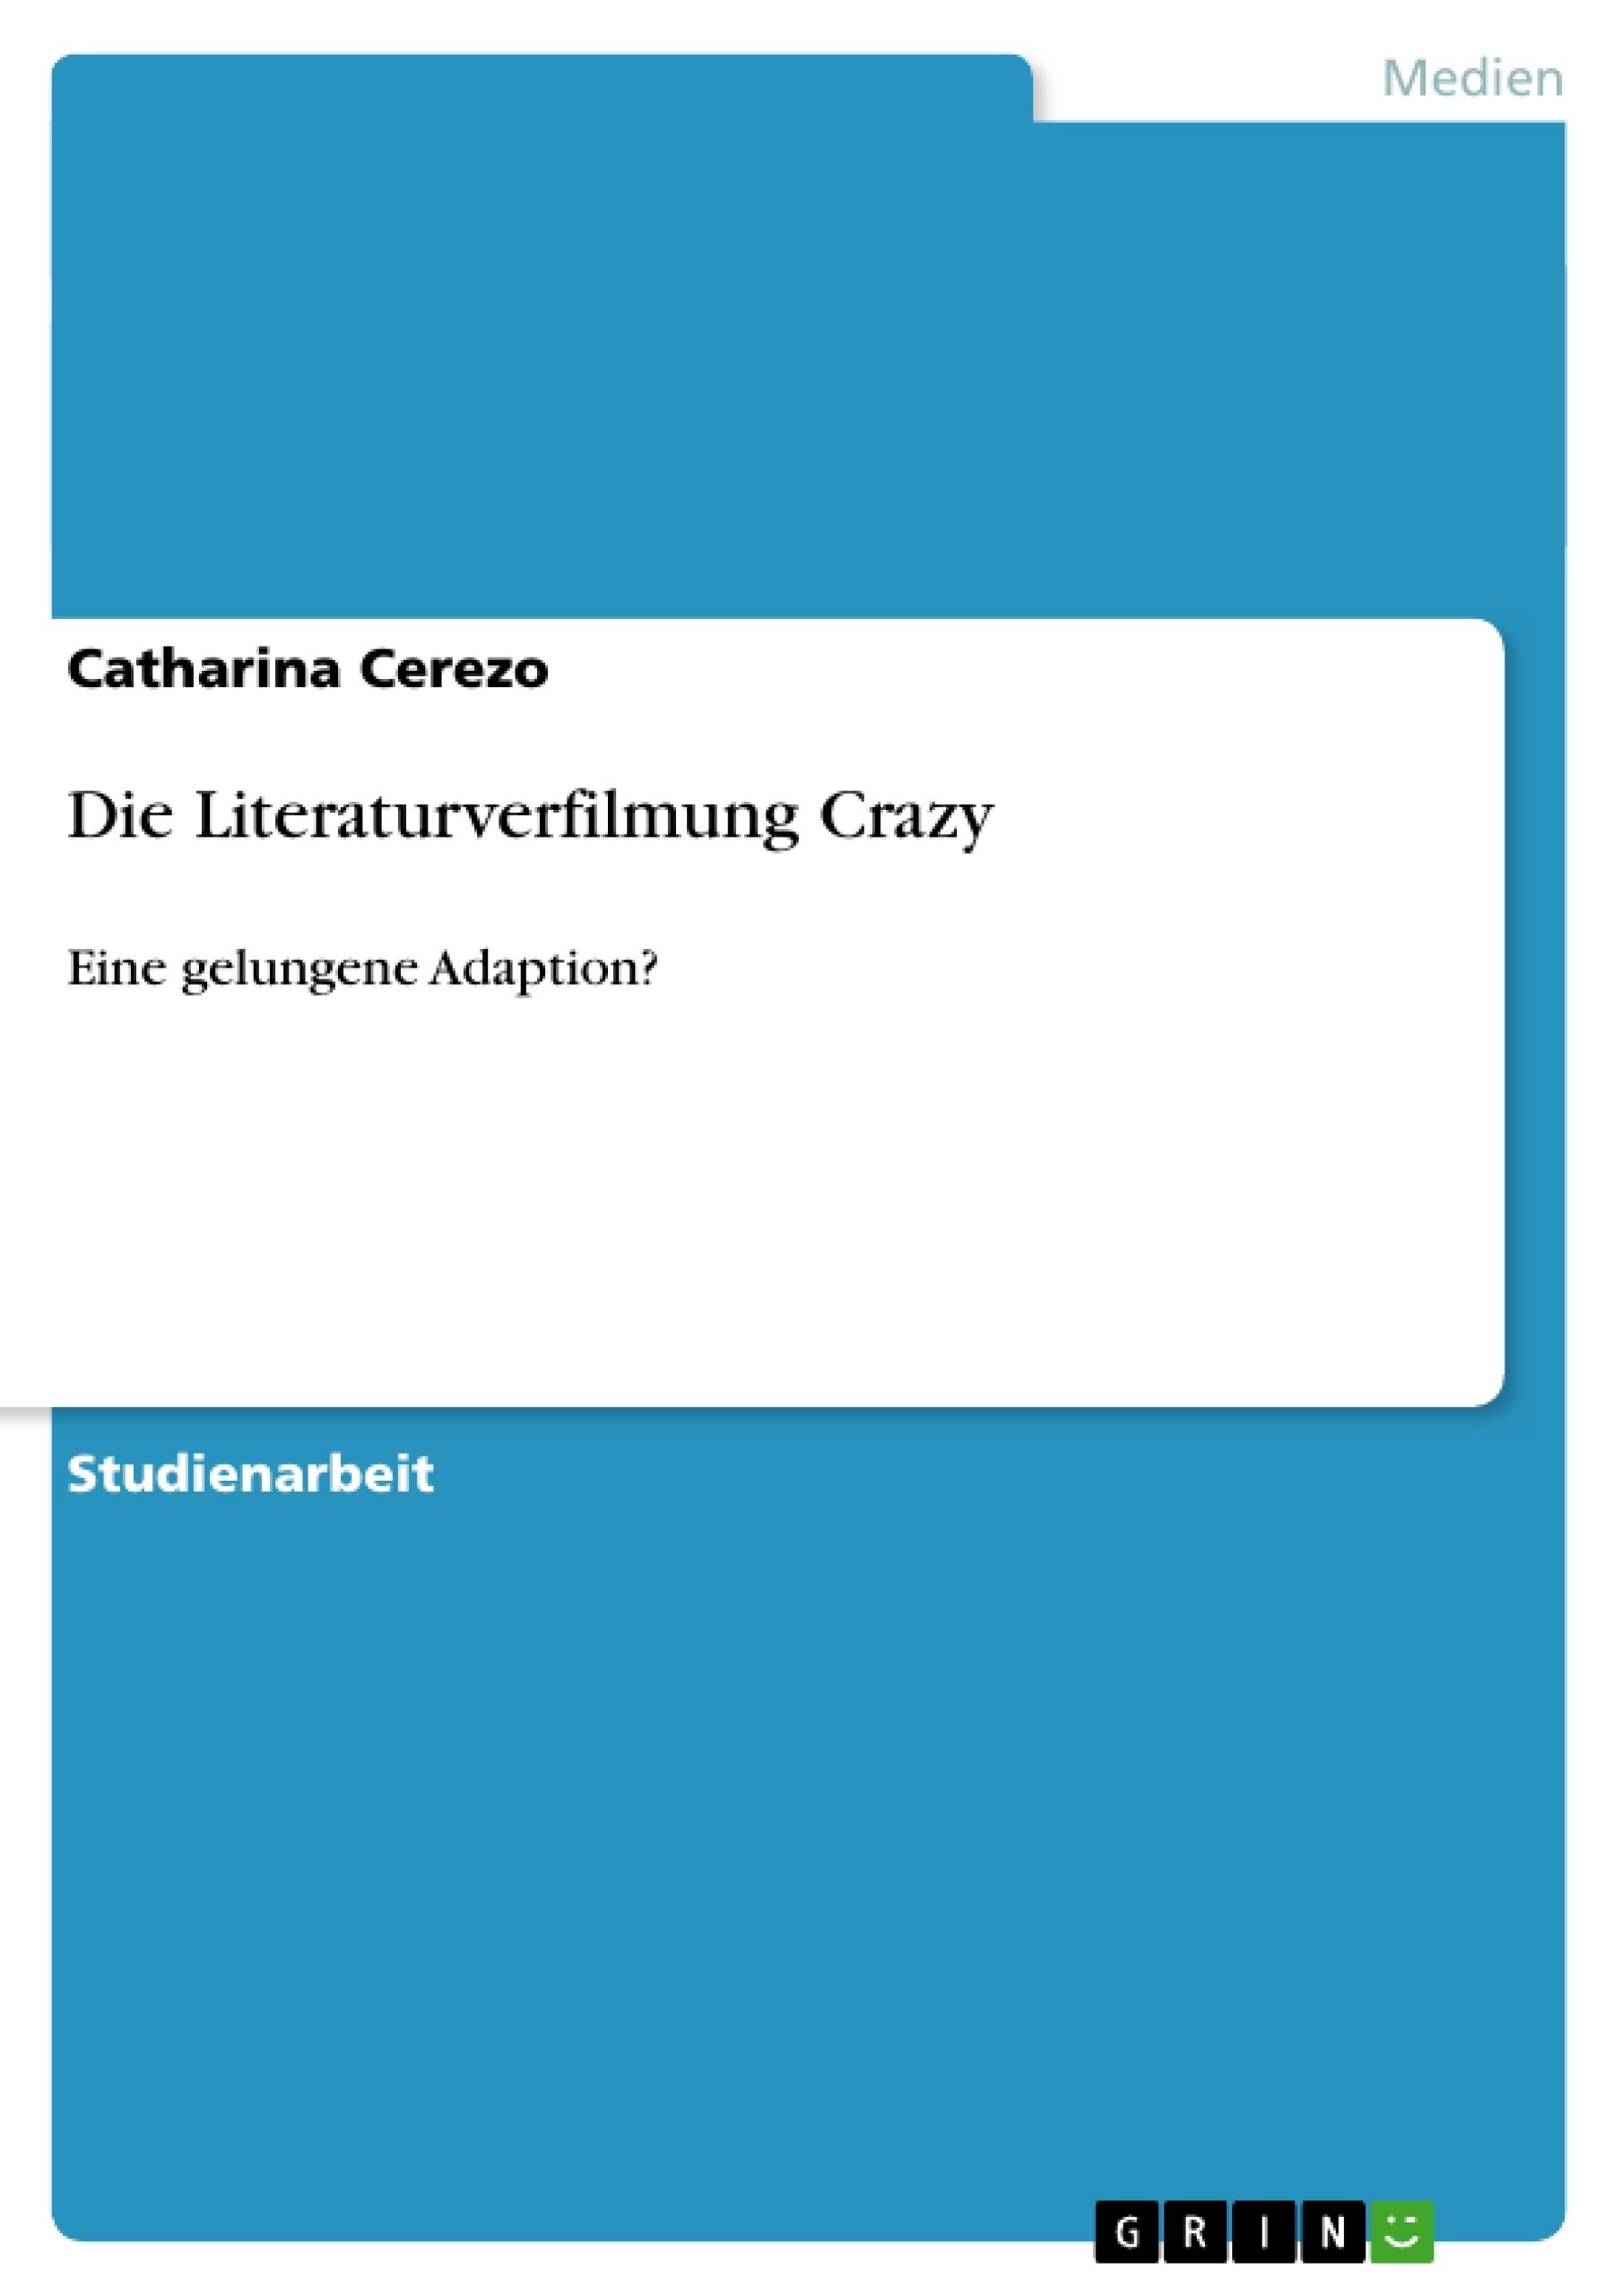 Titel: Die Literaturverfilmung Crazy